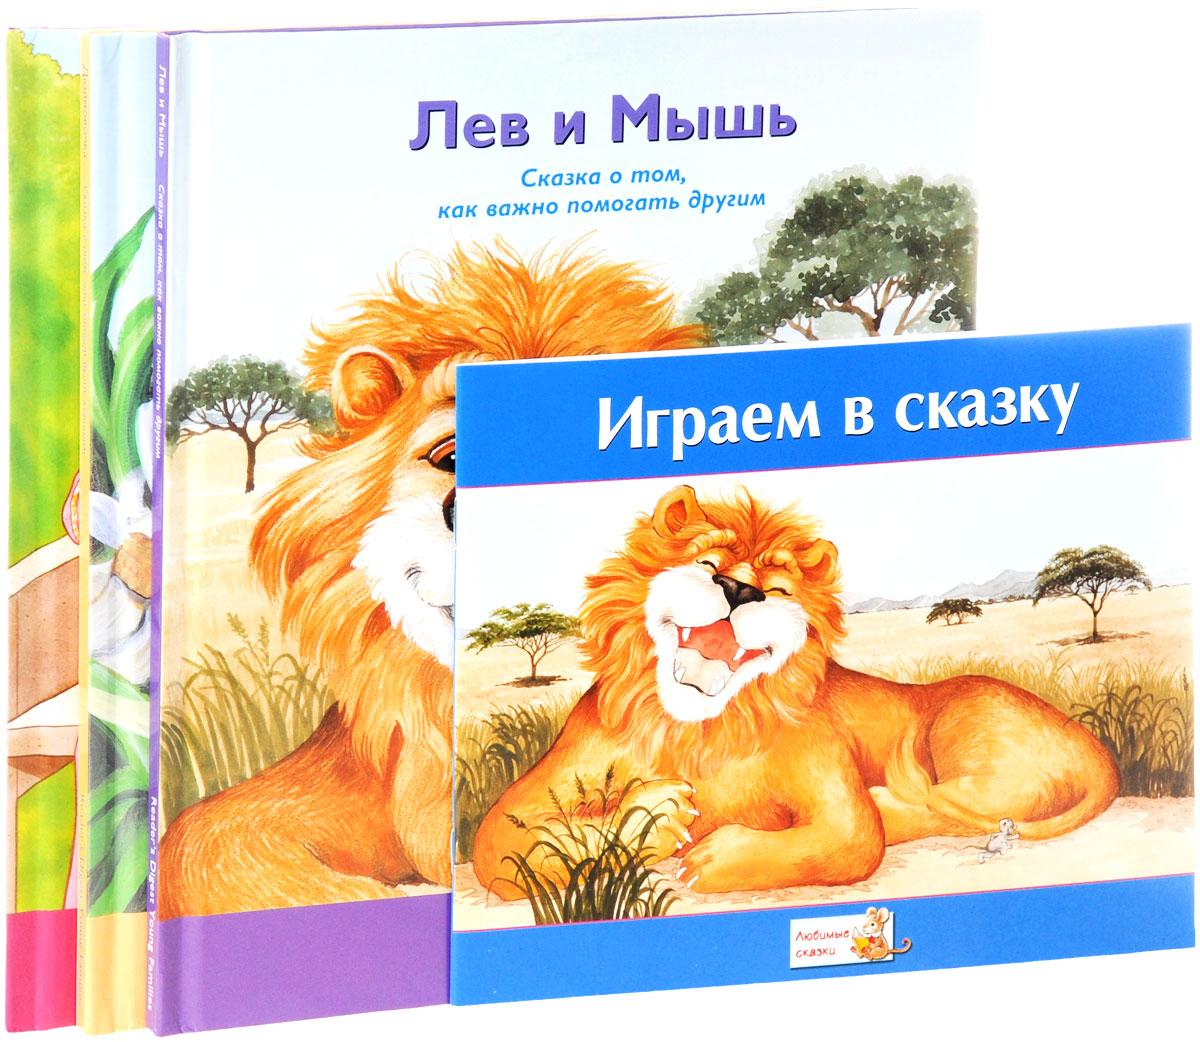 Принц-лягушка. Лев и мышь. Дюймовочка. Играем в сказку (комплект из 4 книг + наклейки)